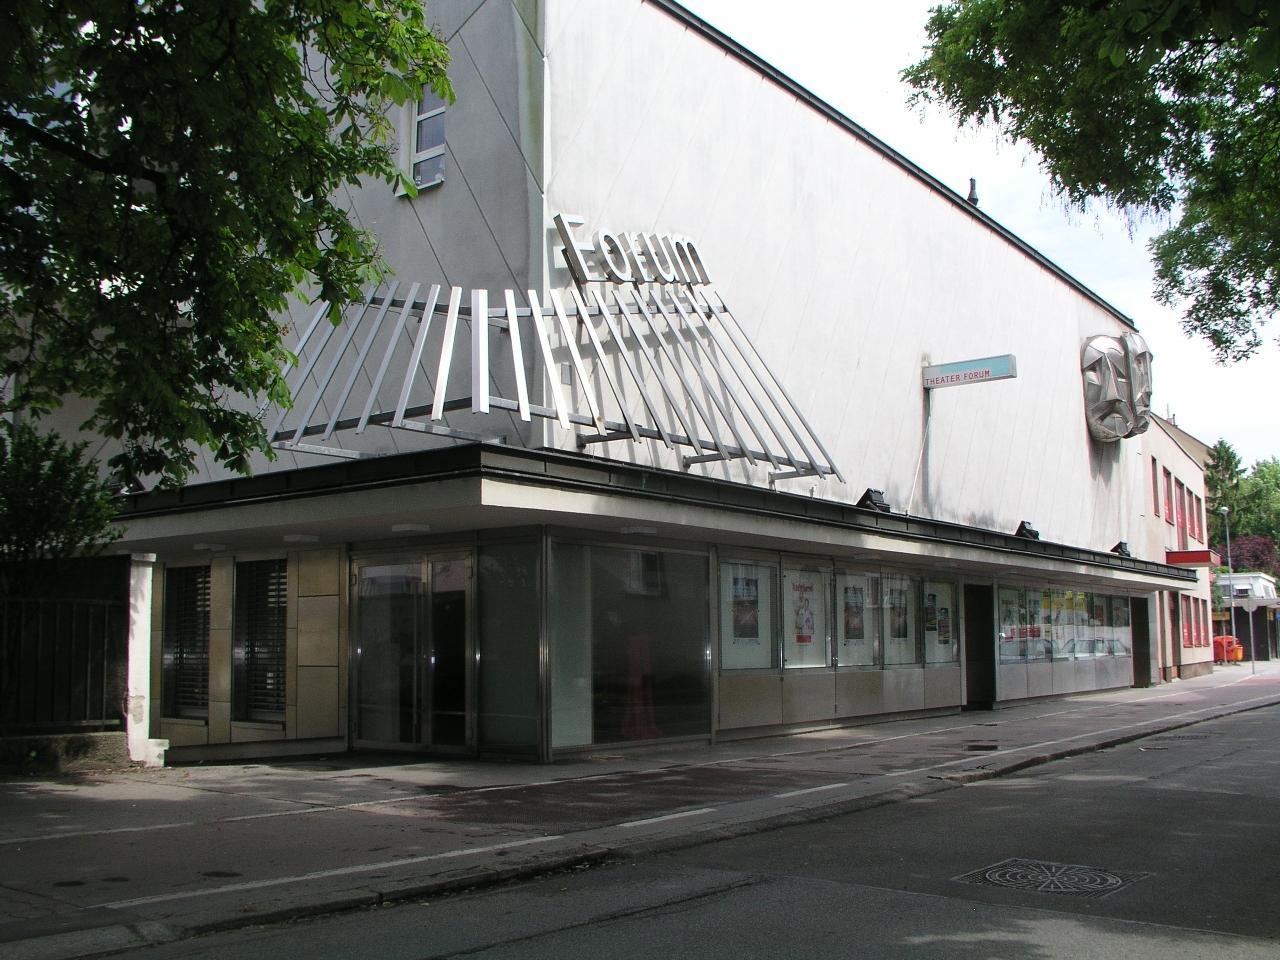 Kino St. Ruprecht a. d. Raab - rematesbancarios.com